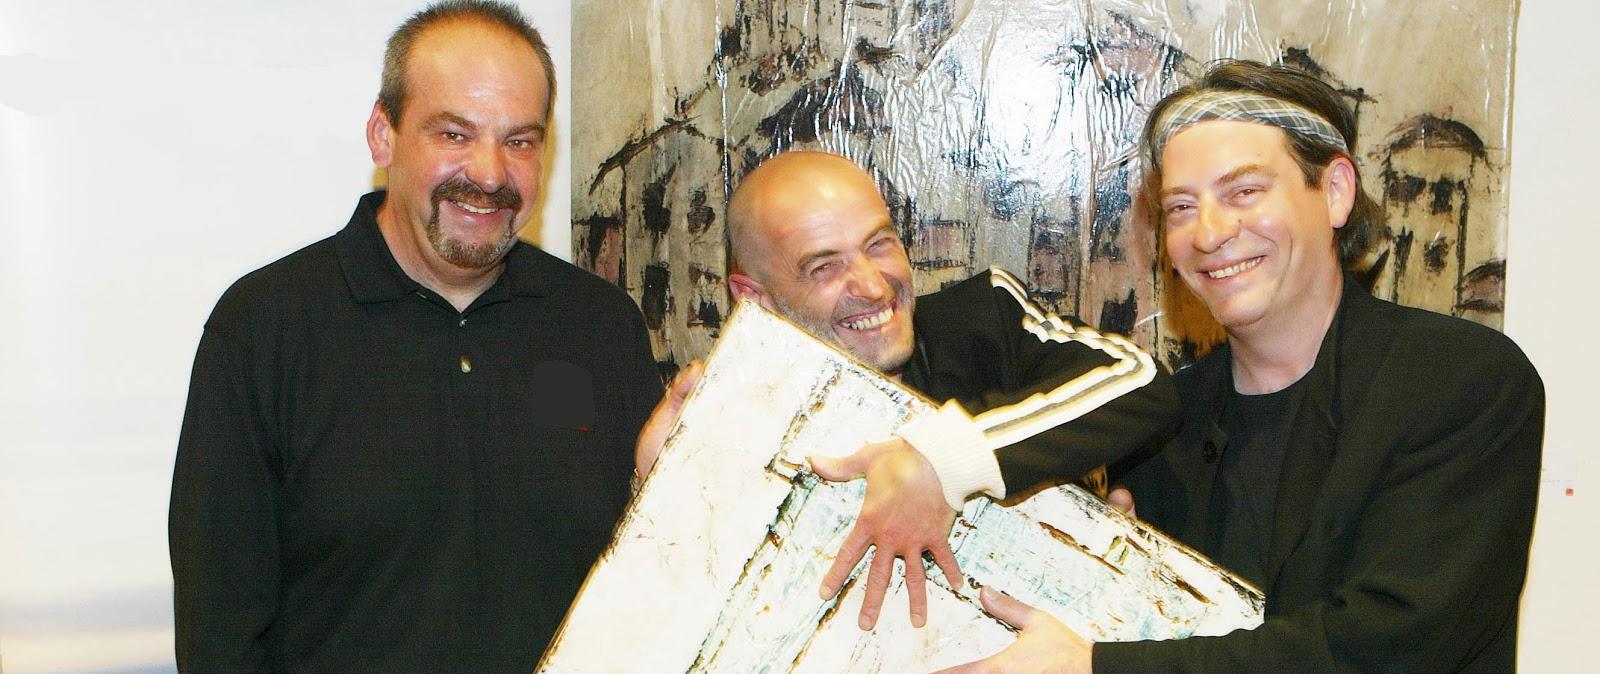 Ignaz Blazovich, Vernissage, Ausstellung, Galerie, Salzburg, Kunst, Eventkonzept